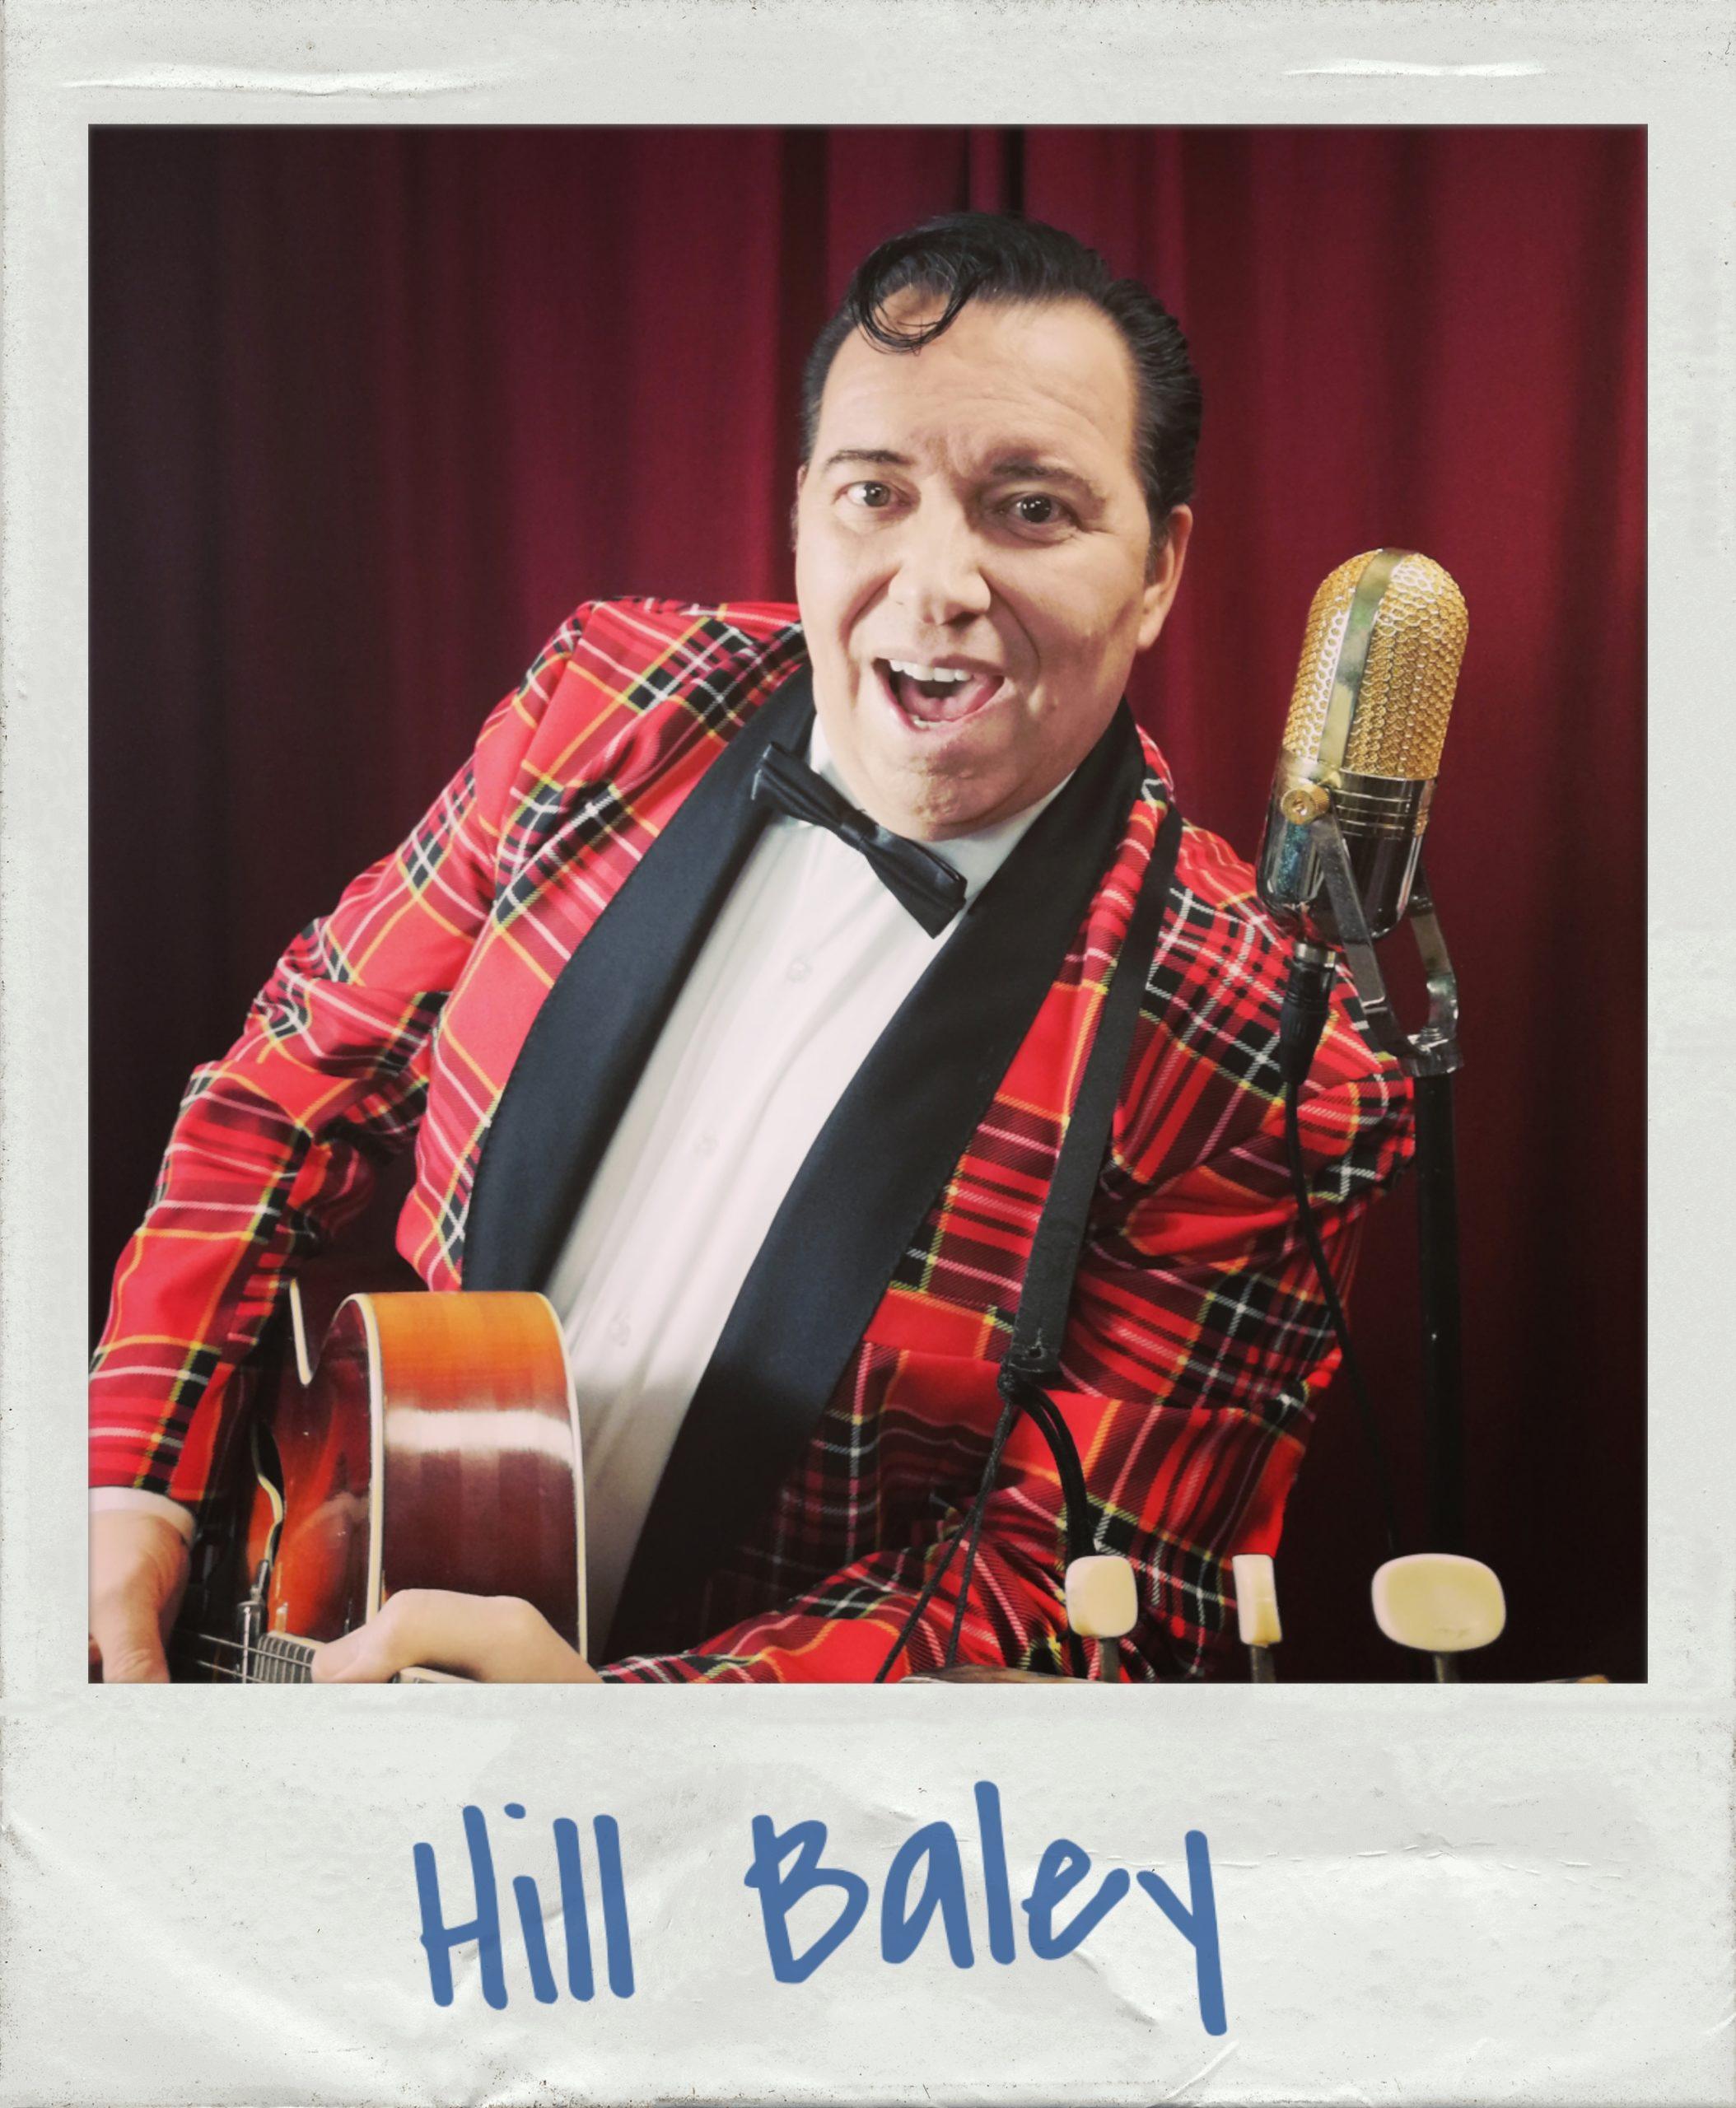 Hill Baley - Bill Haley Rock n Roll Tribute Show Profi-Sänger für 50s und 60s Event, Feier, Geburtstag, Hochzeit, Fifties Partys, Oldtimer-Treffen buchen. Bill Haley Double, Cover Band Sänger, Doppelgänger. Der besondere Liveact. Gehen Sie mit Hill Baley dem Bill Haley Tribute Artist auf eine Zeitreise in die wilden fünfziger Jahre. Hill Baleys Rock n Roll Show ist der Legende Bill Haley gewidmet! Der Vater des Rock n Roll veränderte mit seinem Sound die Musikgeschichte. Hill Baley singt die großen Hits wie: Rock around the clock, See you later aligator, Shake rattle and roll und viele mehr...Rockabilly - RockNroll - Rock n Roll - Oldies Sänger buchen - 50er Jahre Sänger engagieren - Original fifties Sound!